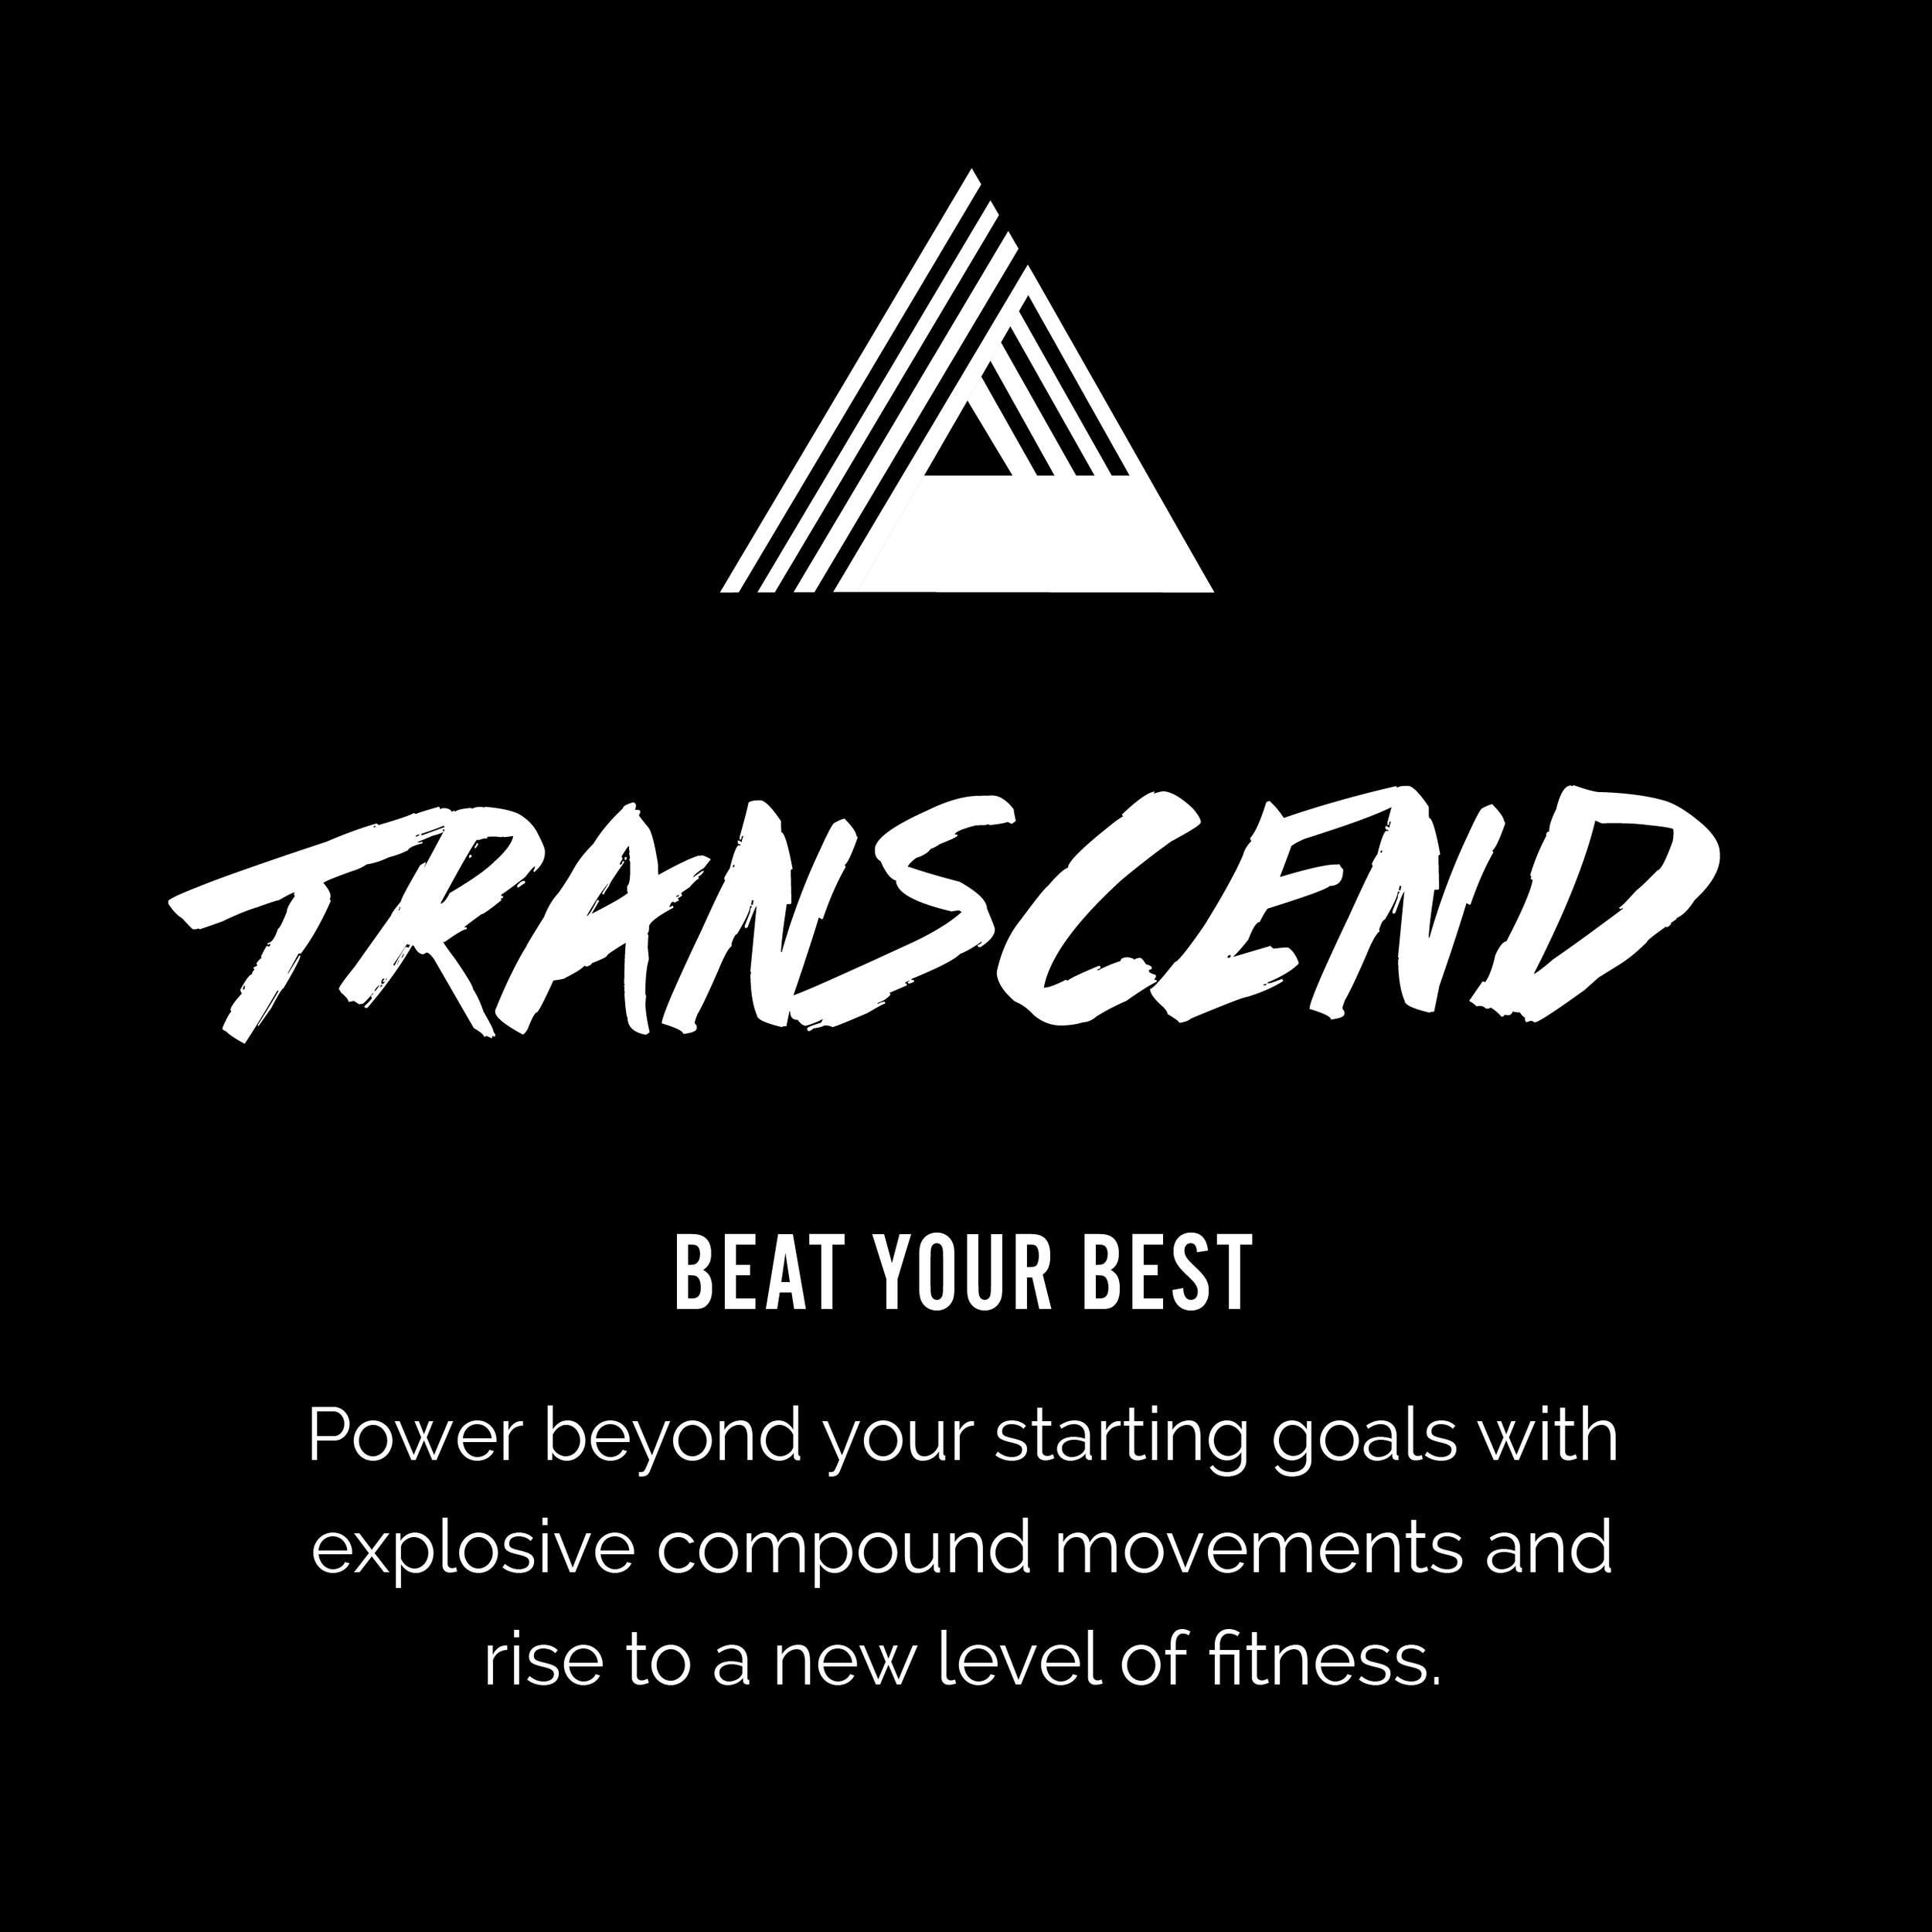 transcend_slide1.png